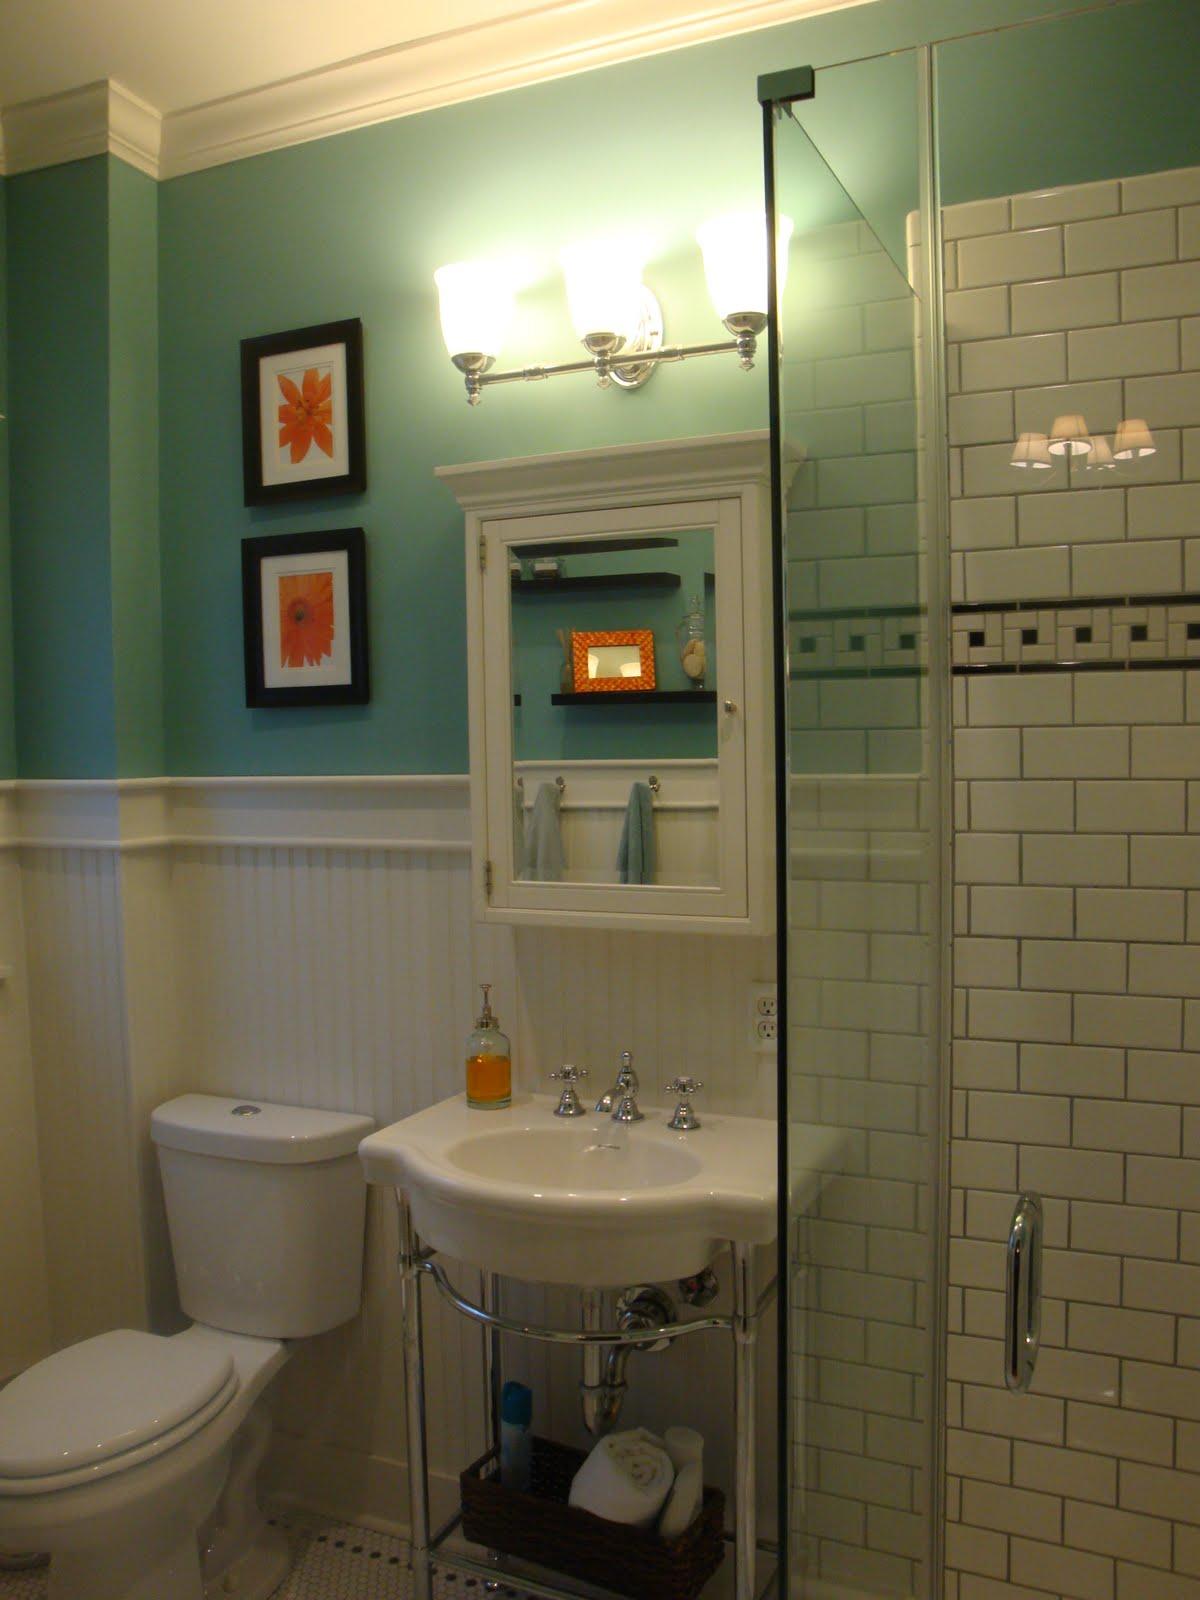 McBerkoBlog March - 5 x 9 bathroom remodel